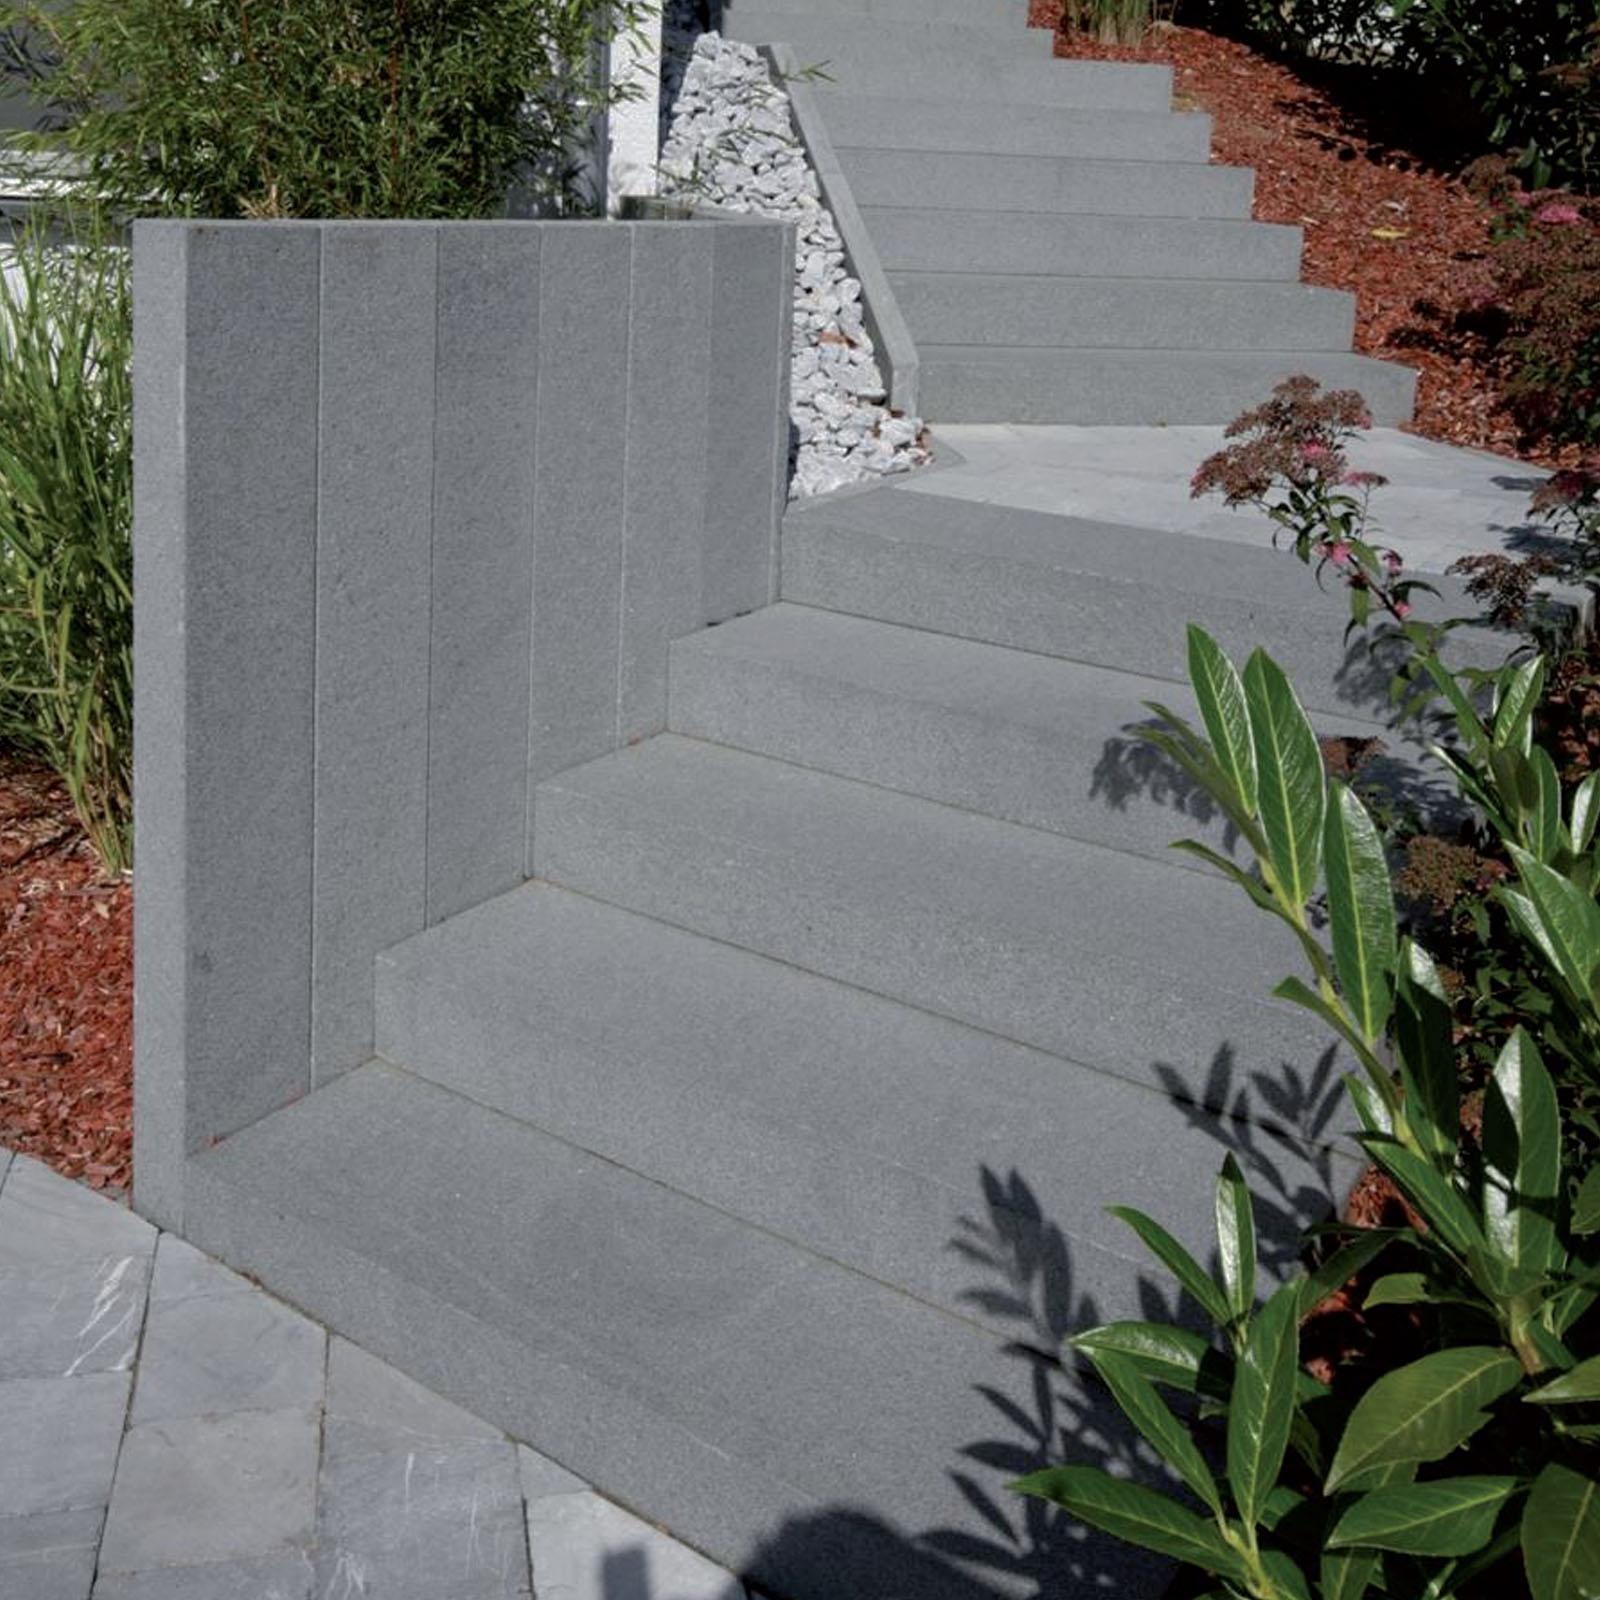 North Grey Naturstein Granit G654 Bodenplatte Blockstufe Palisade geflammt